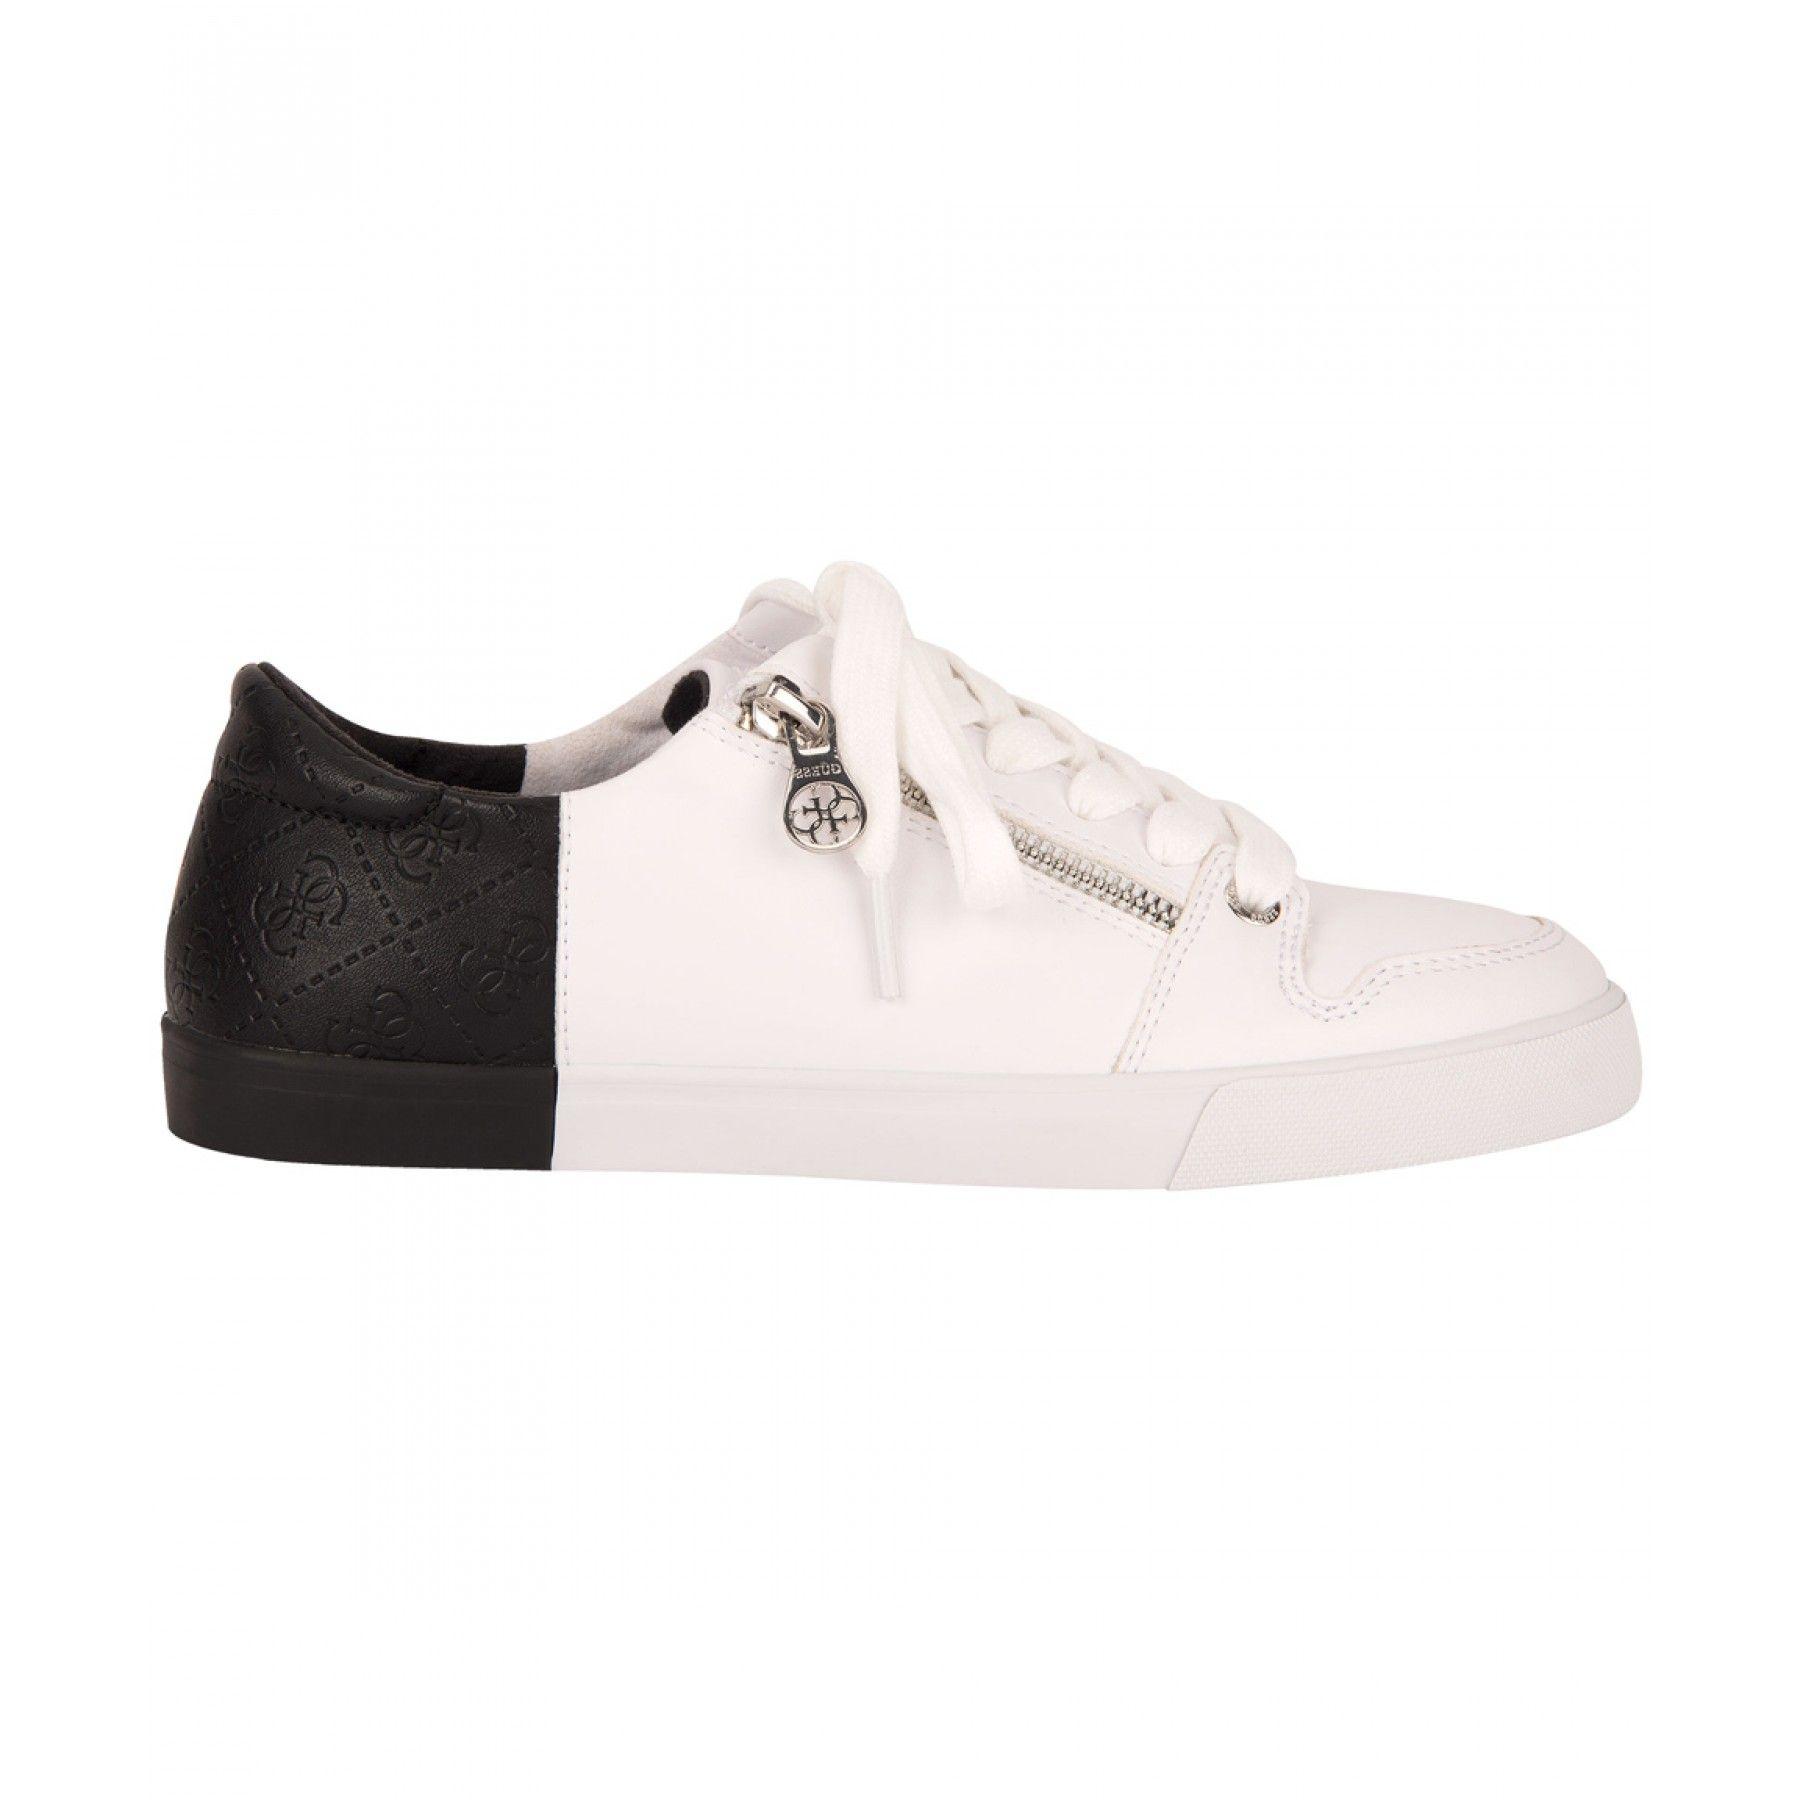 7649cfa8bf Tenis Guess casual elaborado en material sintético color blanco con punta  redondeada agujeta en empeine cierre decorativo en costado talón en tono  negro con ...